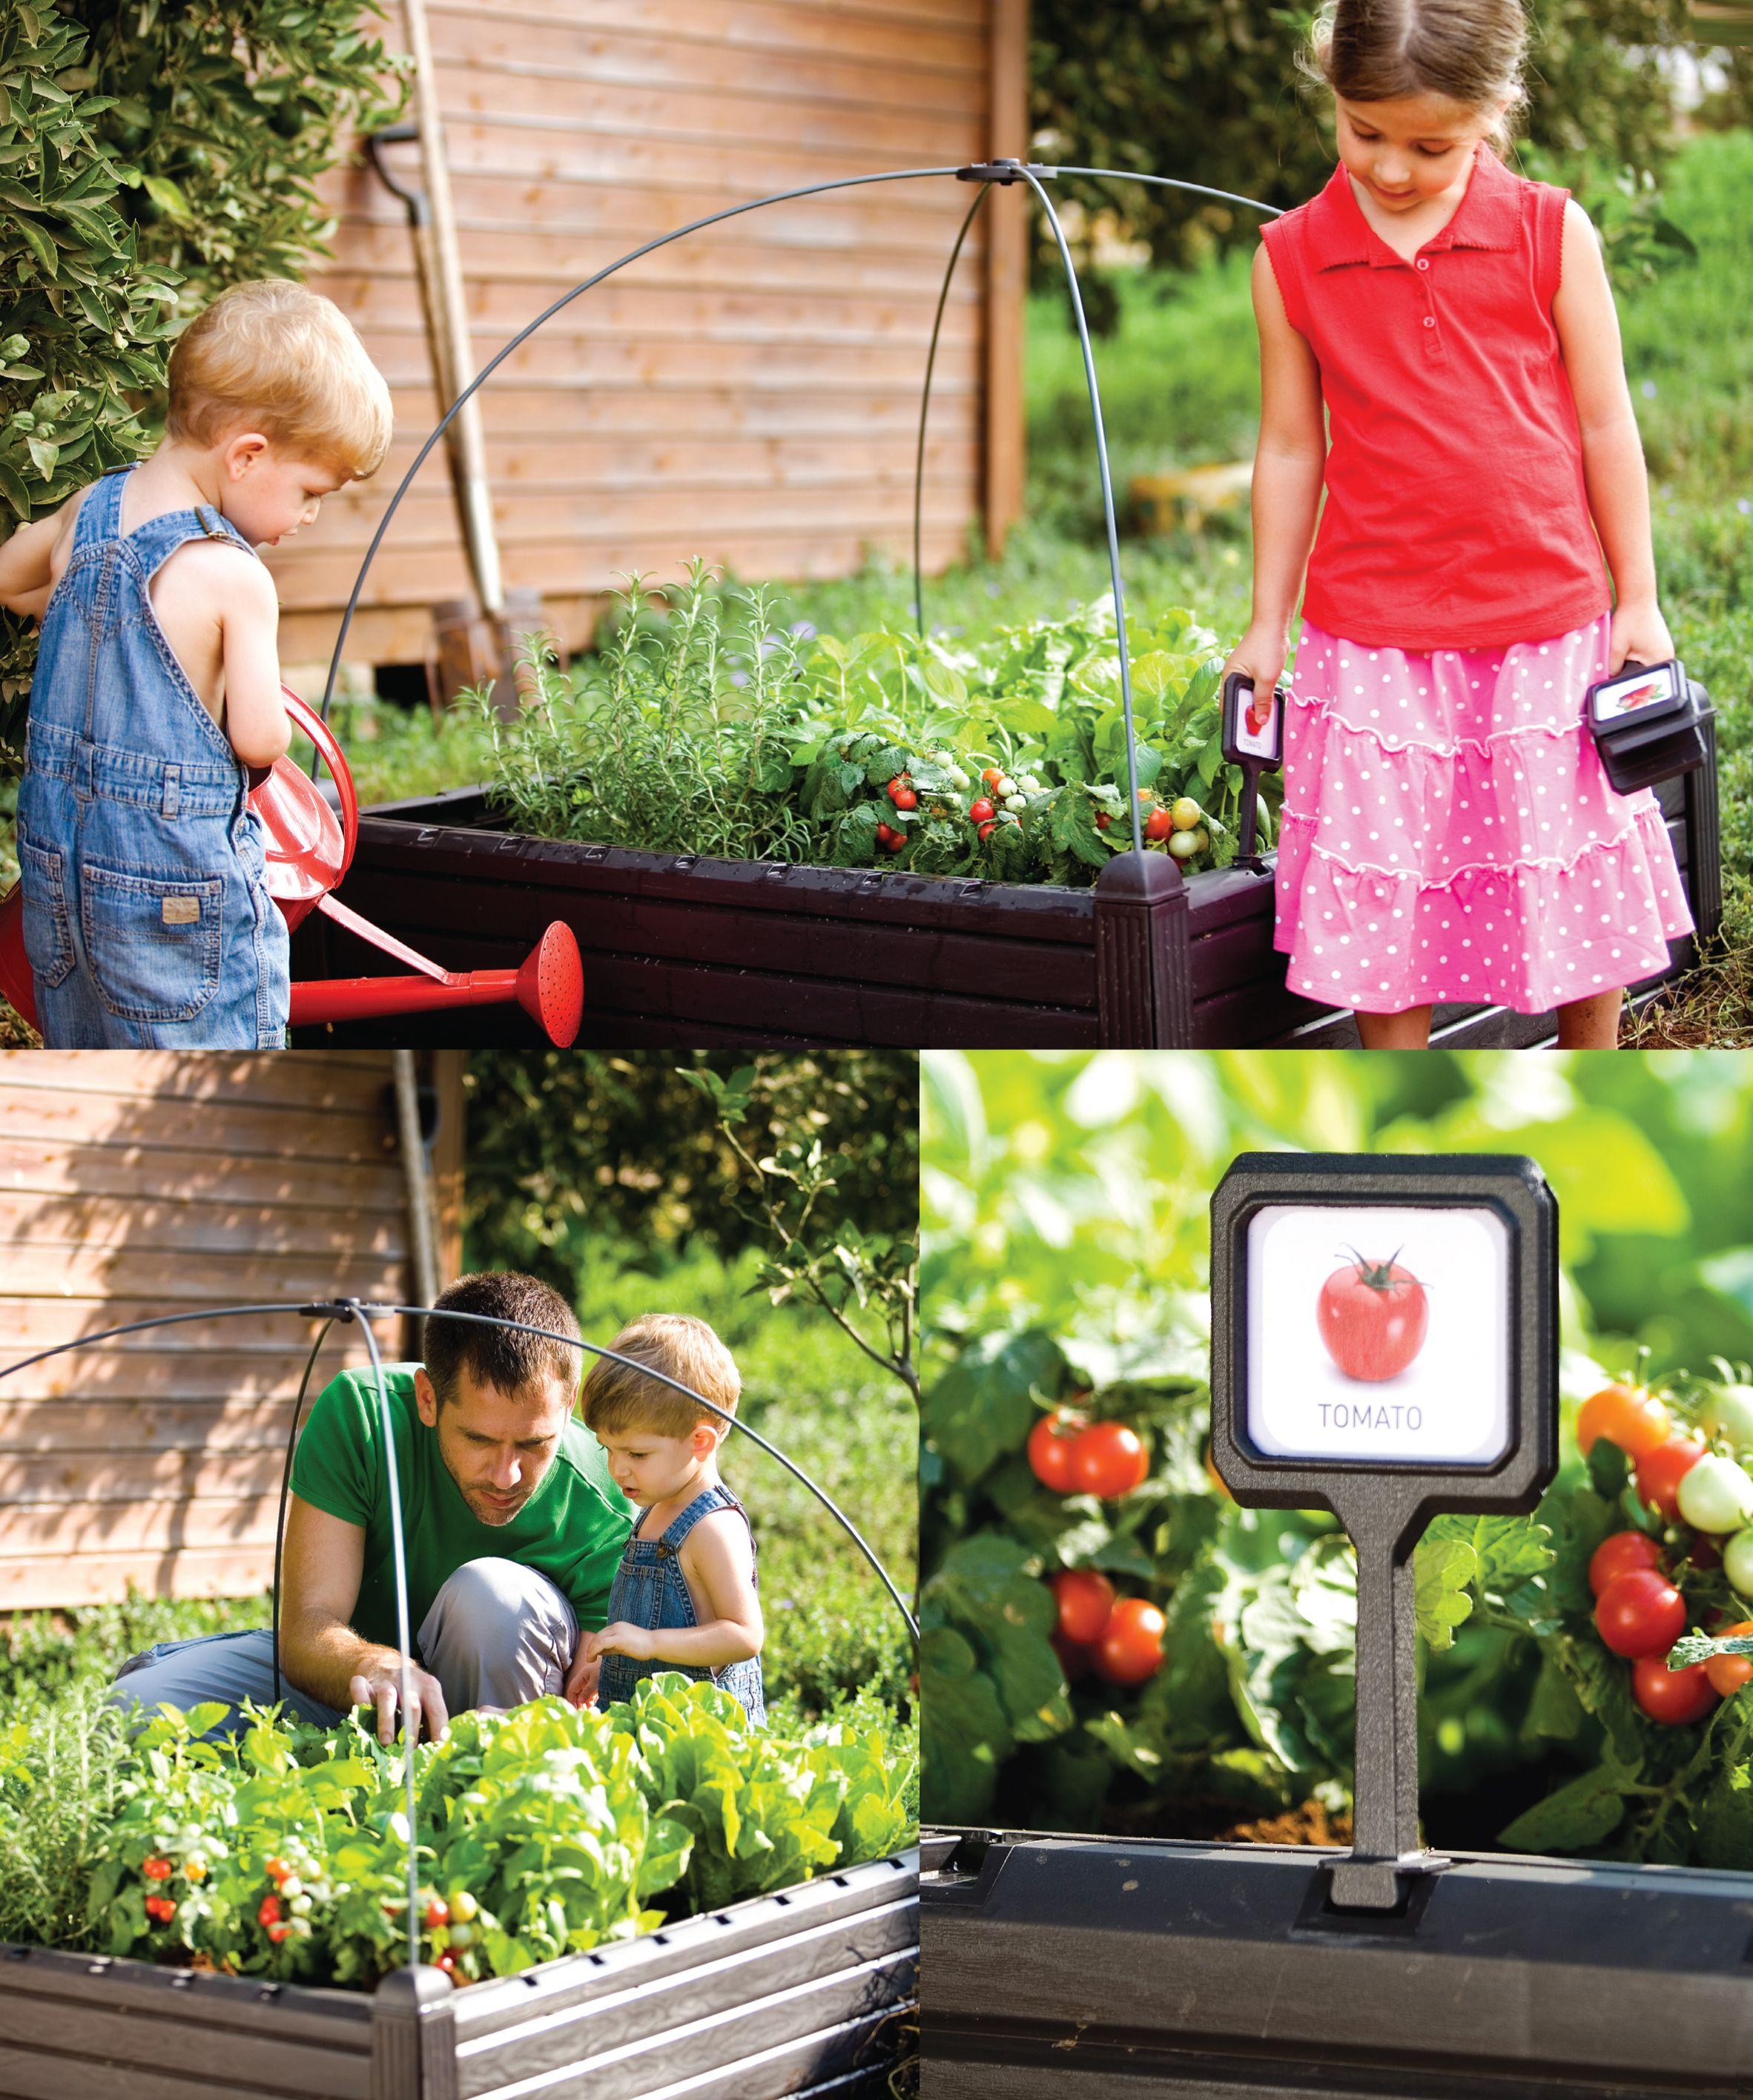 Aki bricolaje jardiner a y decoraci n huerto urbano bajo efecto madera incluye marcadores de - Bricolaje y decoracion ...